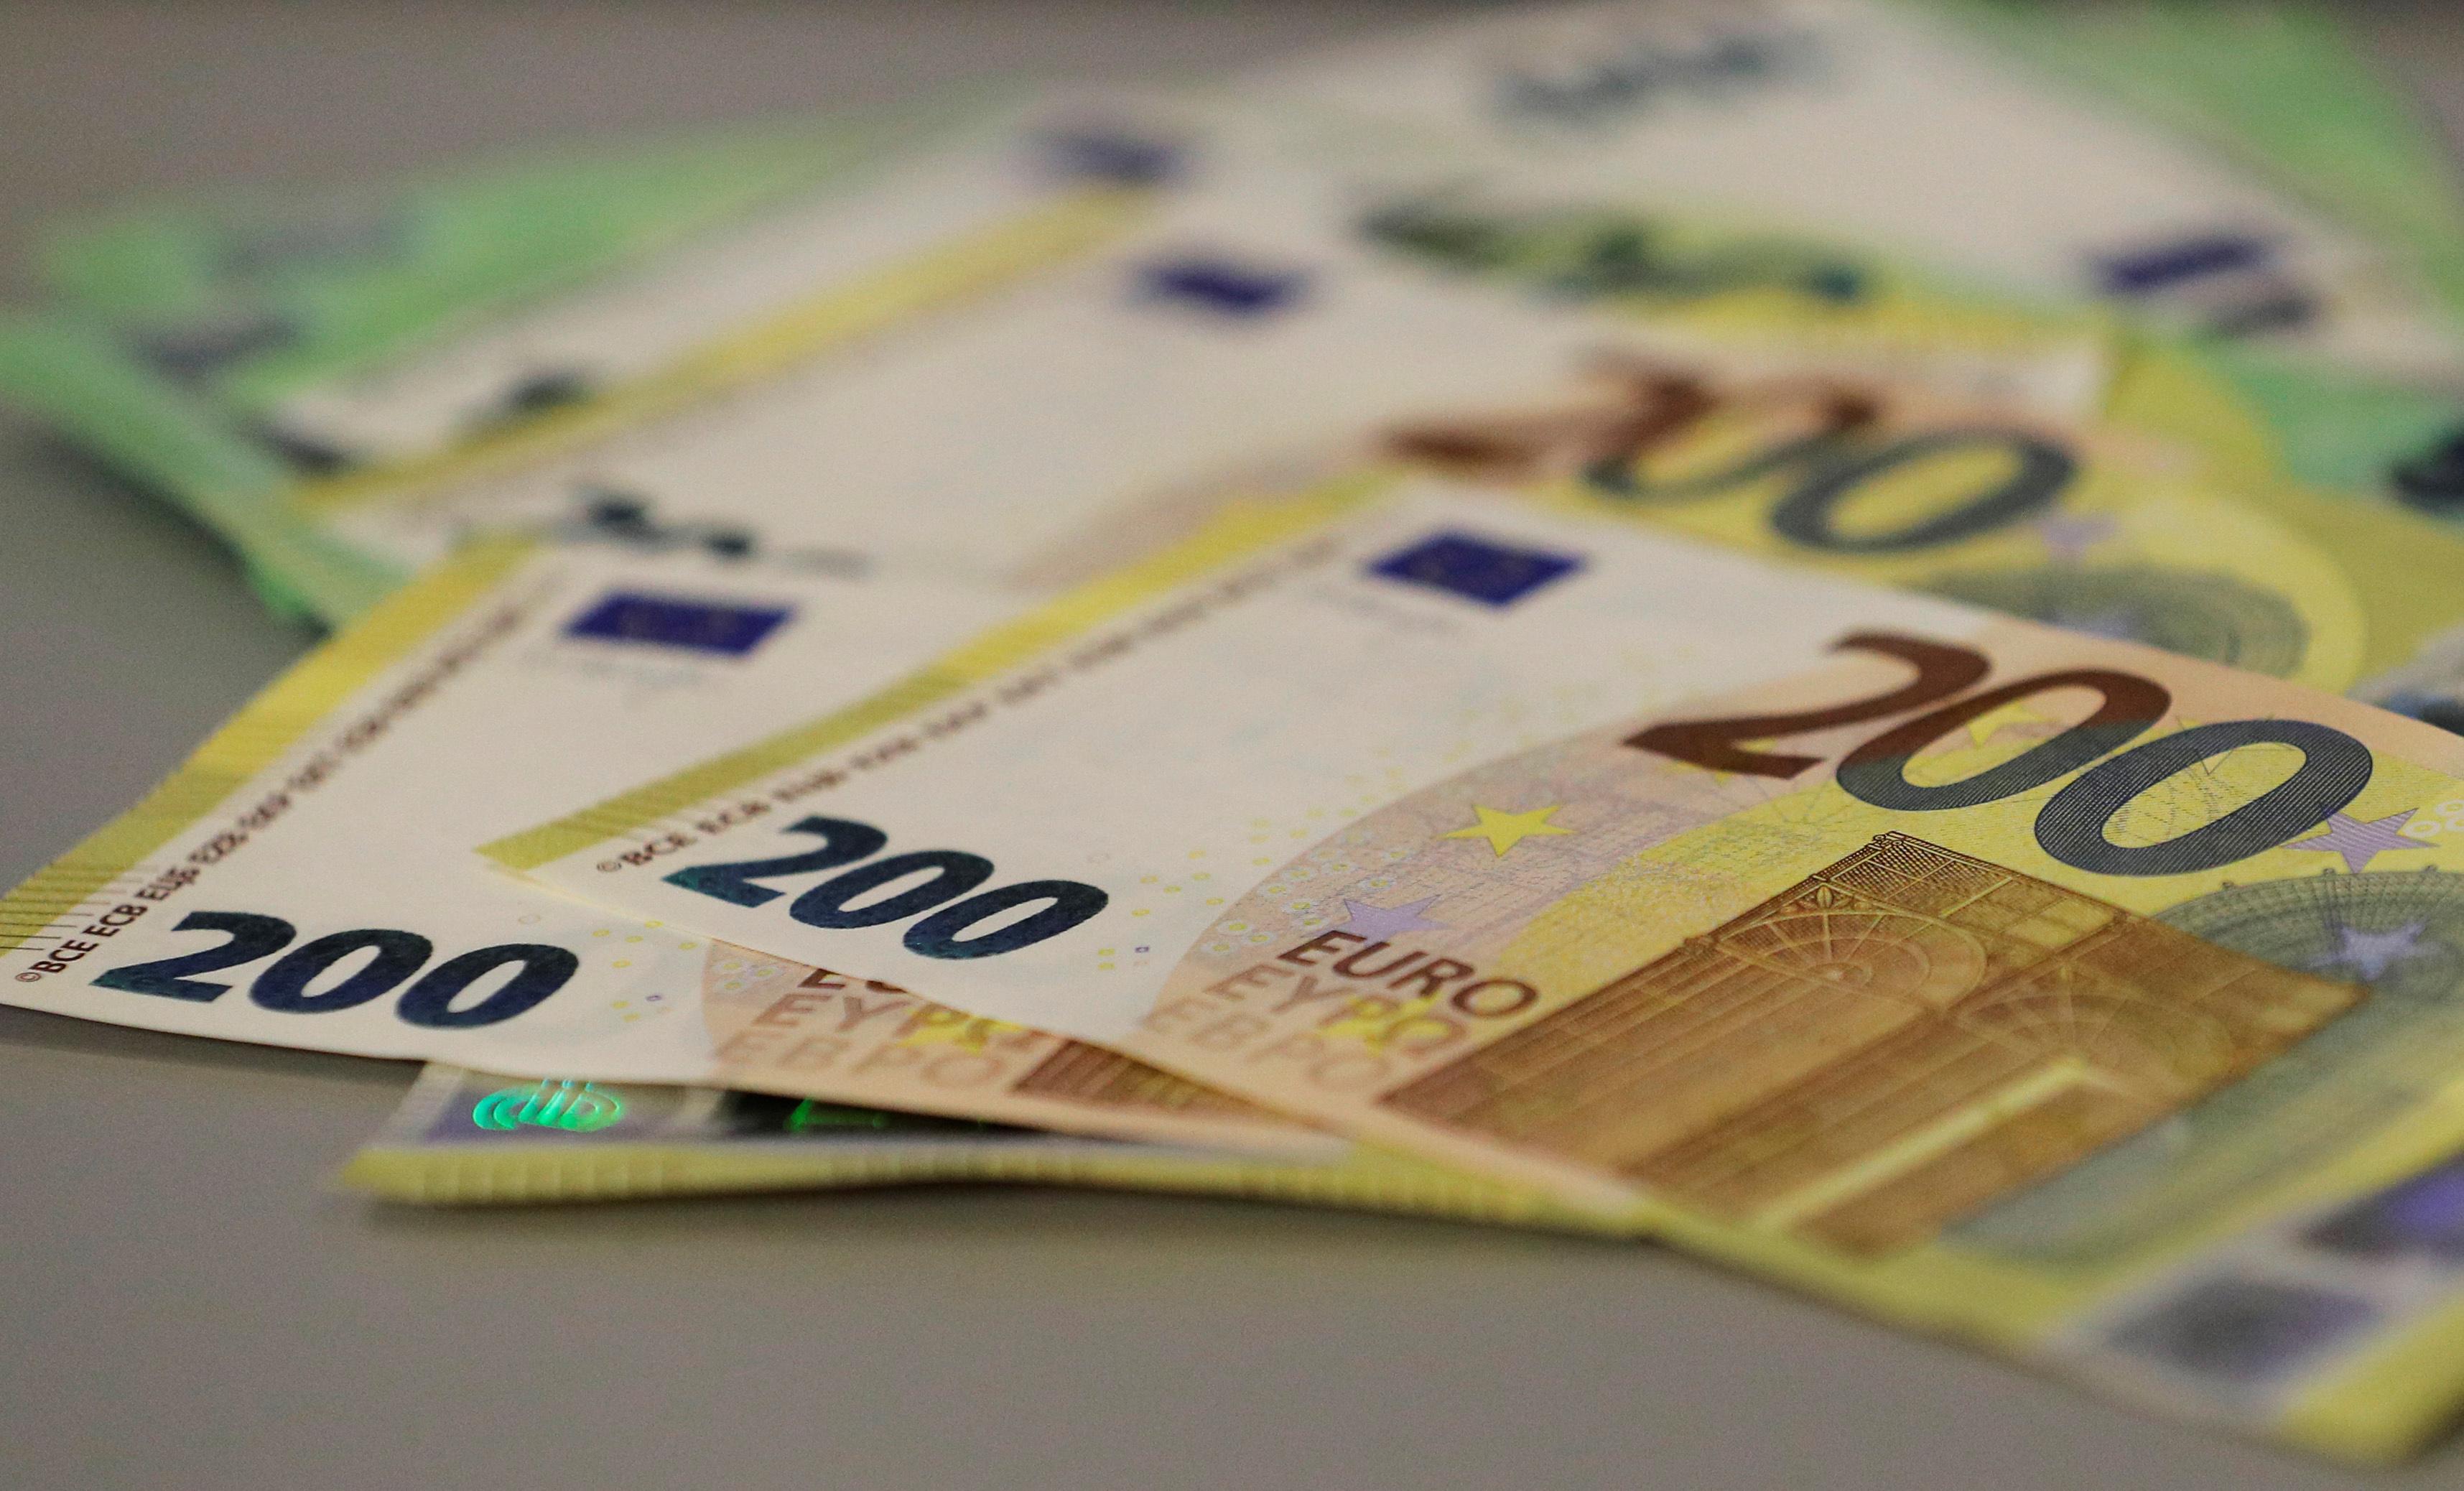 Italia mantendrá el pulso en los presupuestos, según analistas